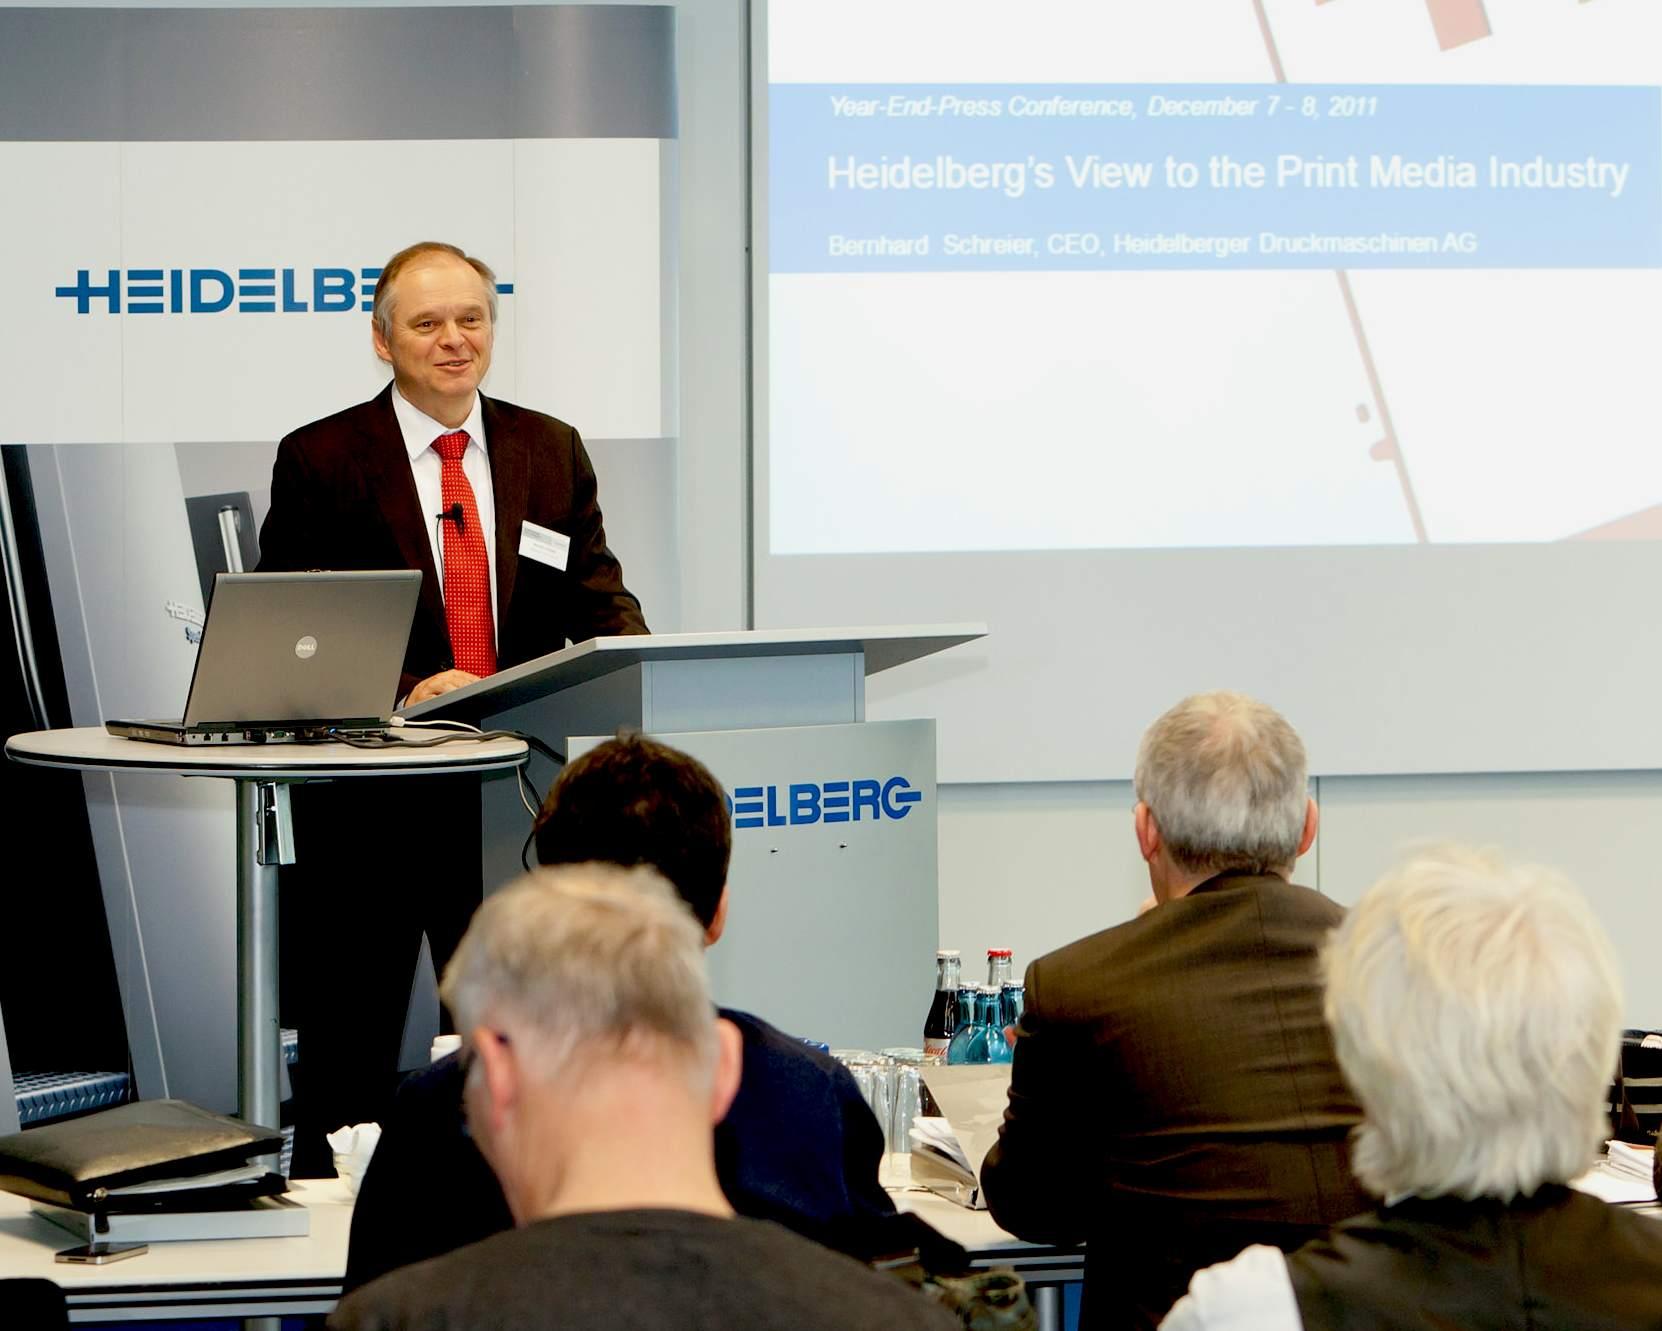 Heidelberg over manroland: 'Goed voor de markt als capaciteit verdwijnt'